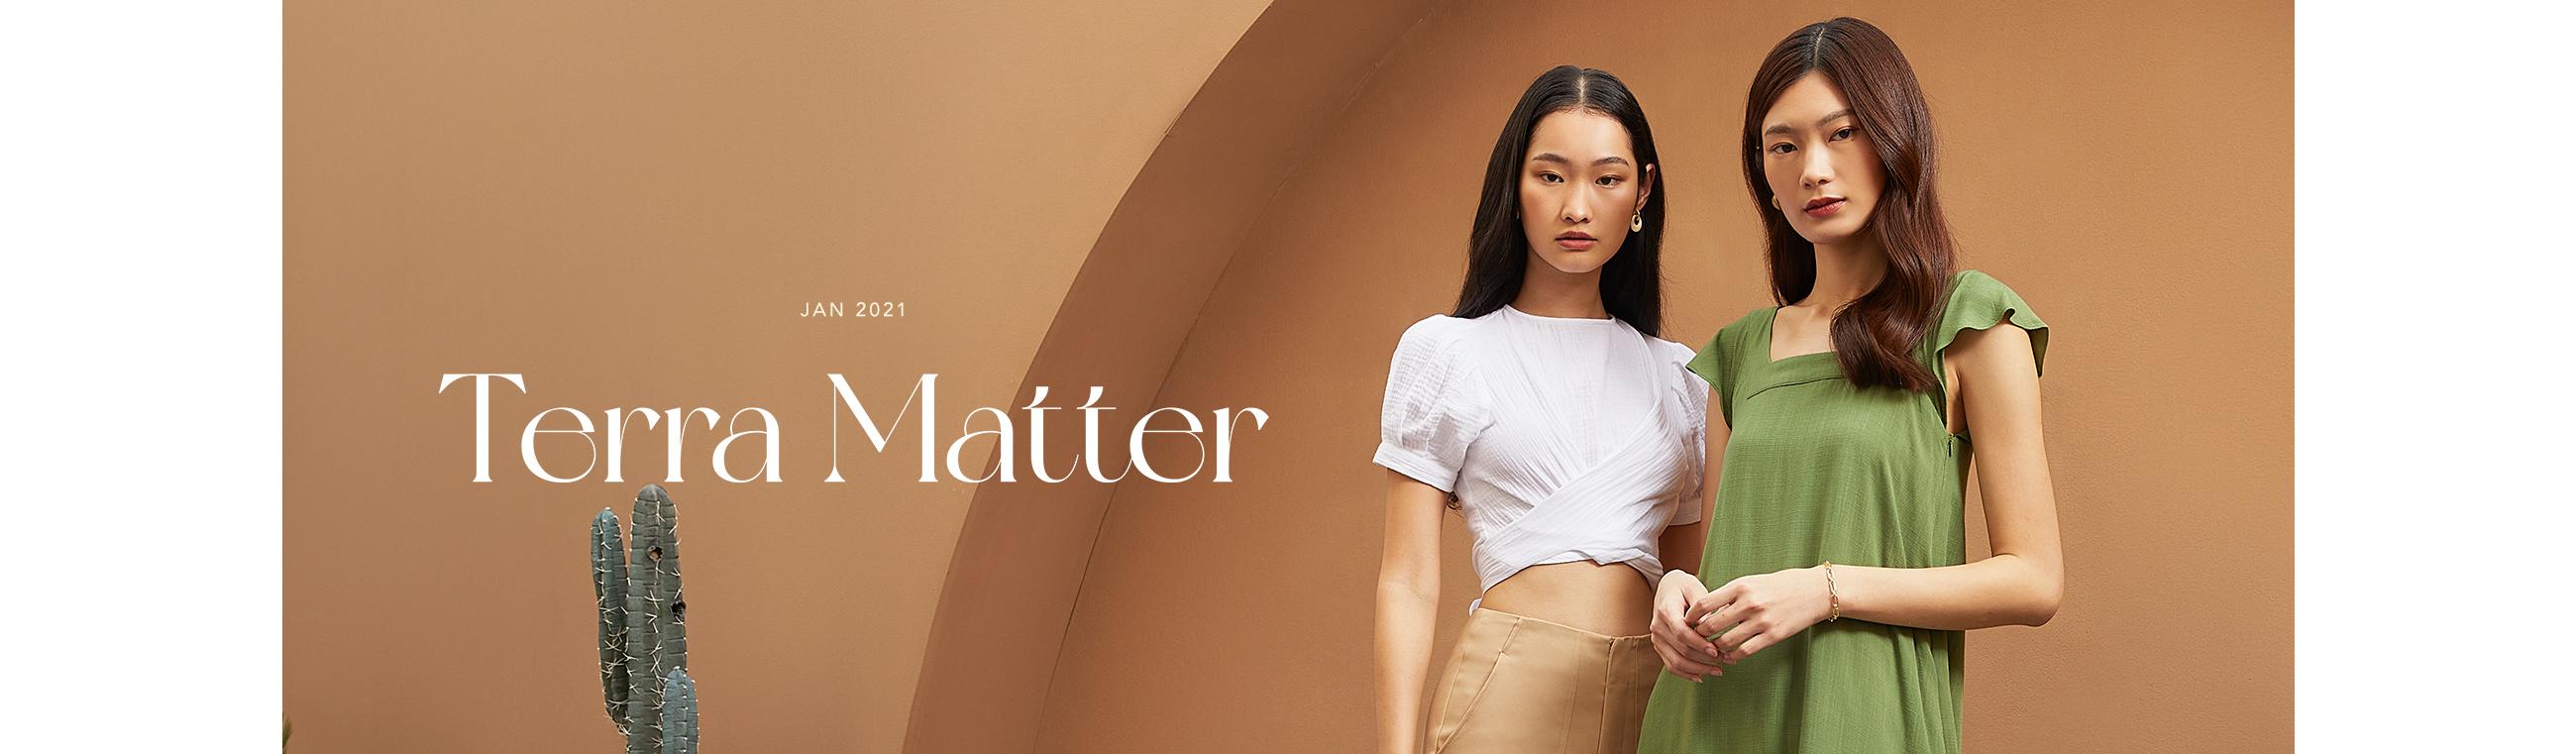 Terra Matter